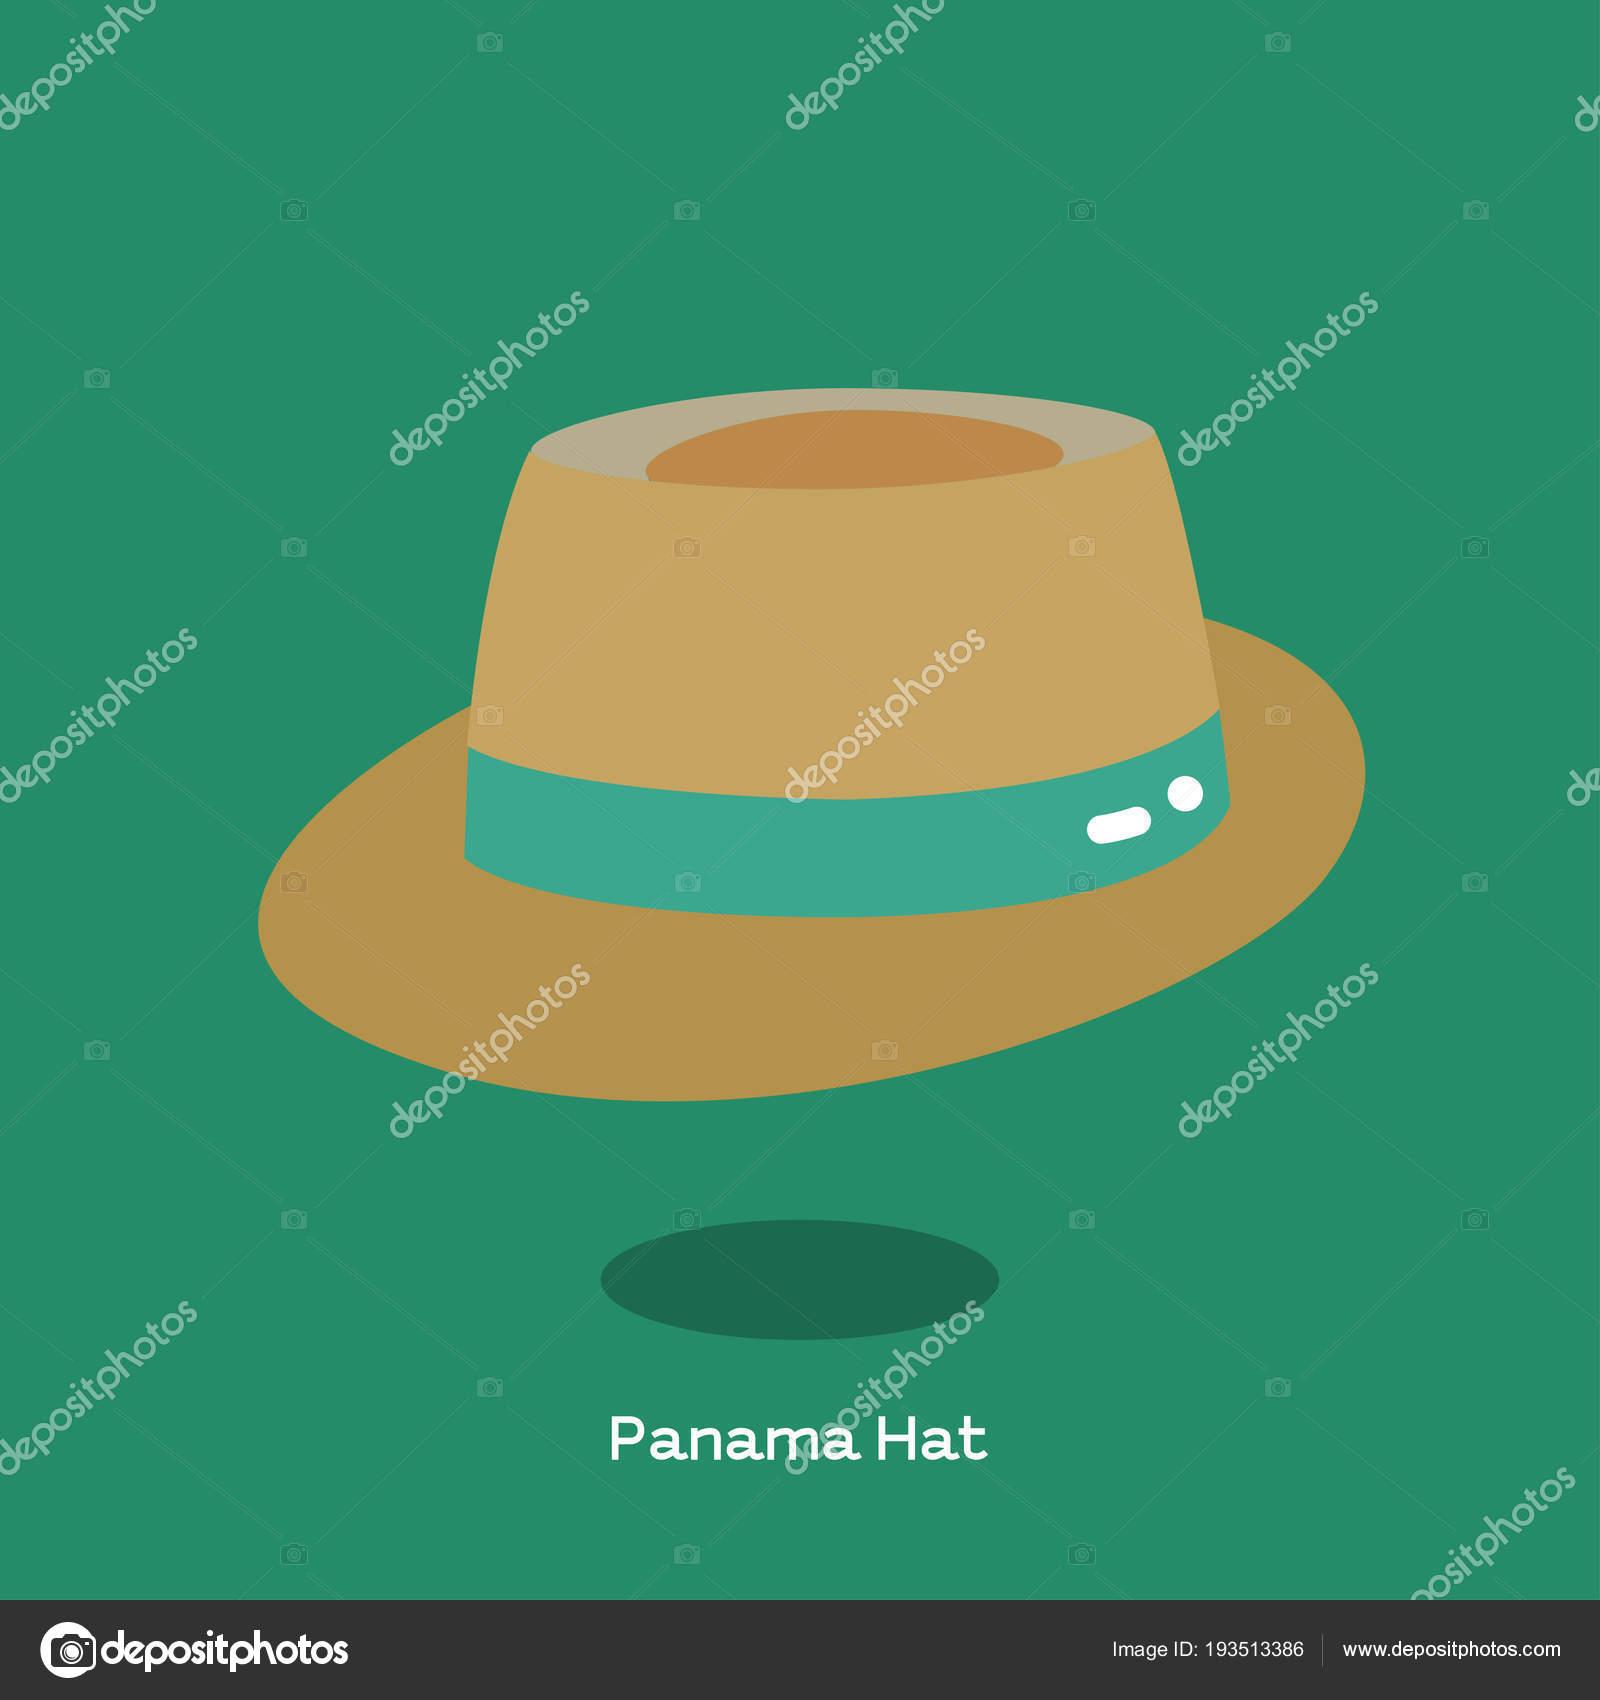 Cappello di paglia di peso leggero con tesa tradizionale e la luce. Cappello  Panama è molto popolare per look casual — Vettoriali di commonthings 62c373a95740